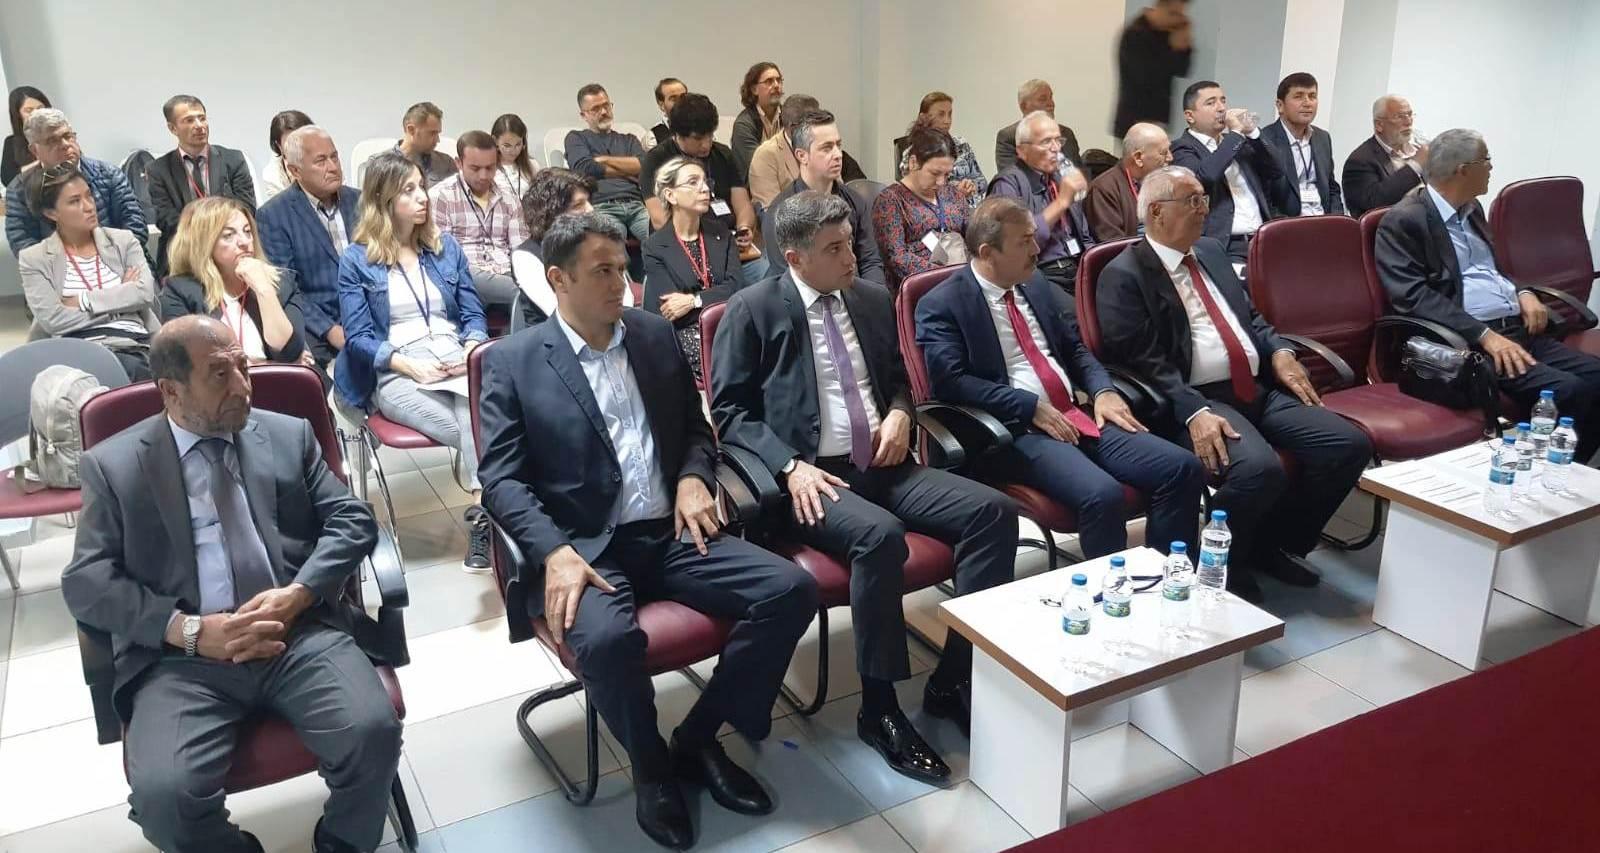 Kaş-Kekova Özel Çevre Koruma Bölgesi Biyolojik Çeşitlilik Araştırma Projesi ile ilgili toplantı yapılmıştır.